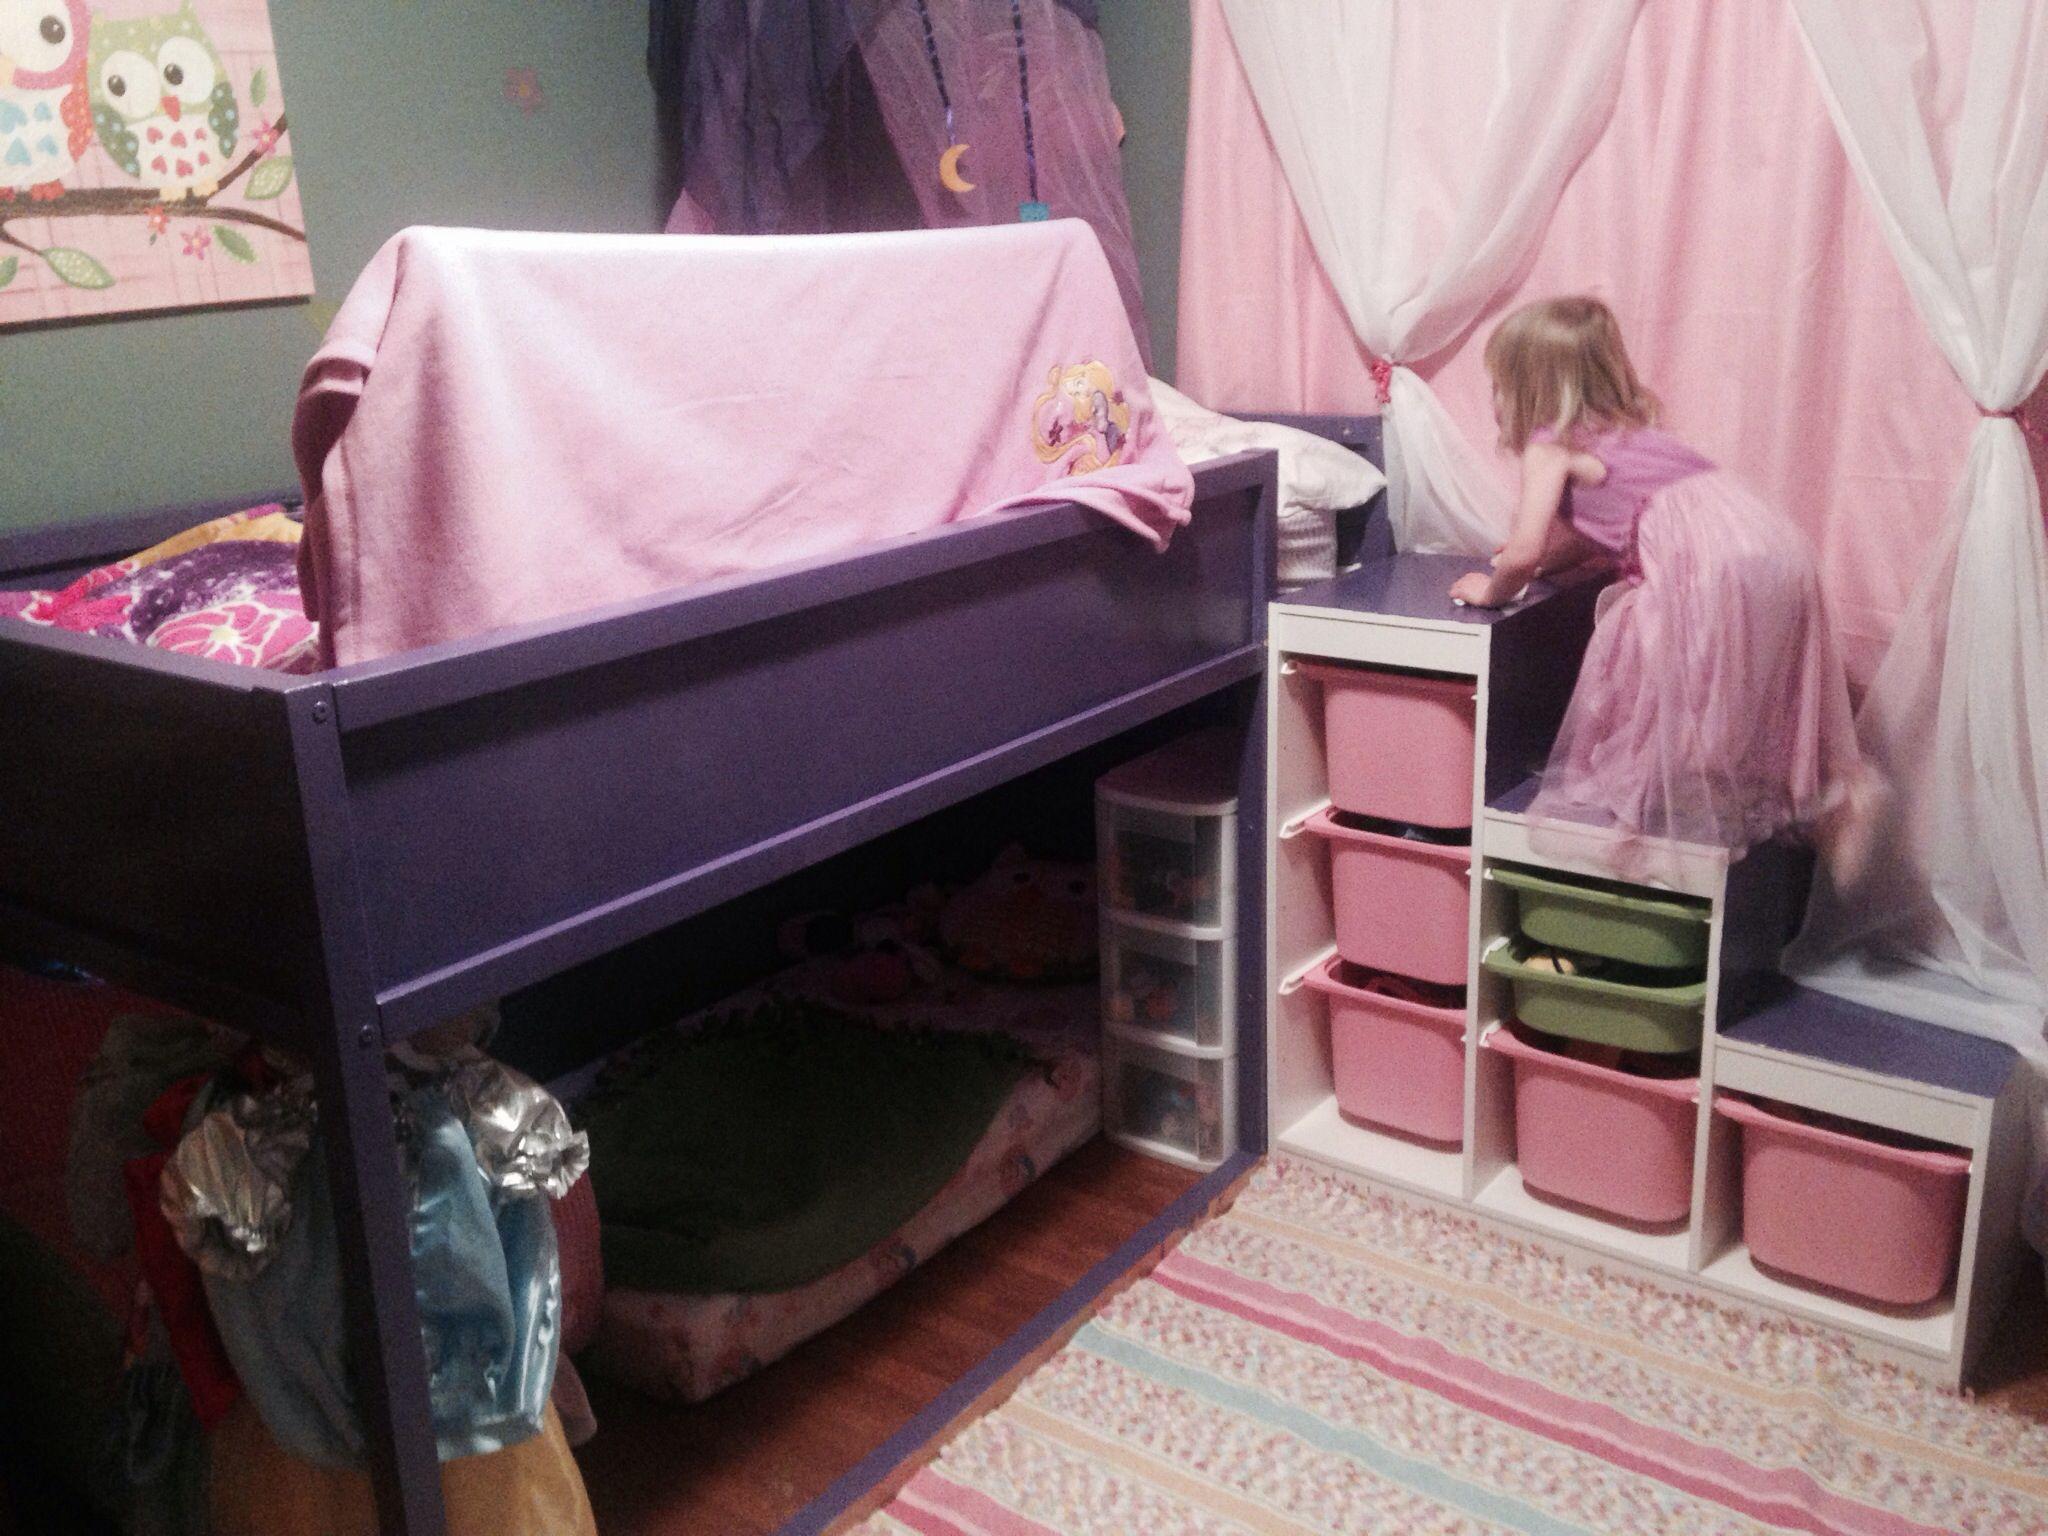 161 best Ikea Kura images on Pinterest | Bedroom, Nursery and Cabinets